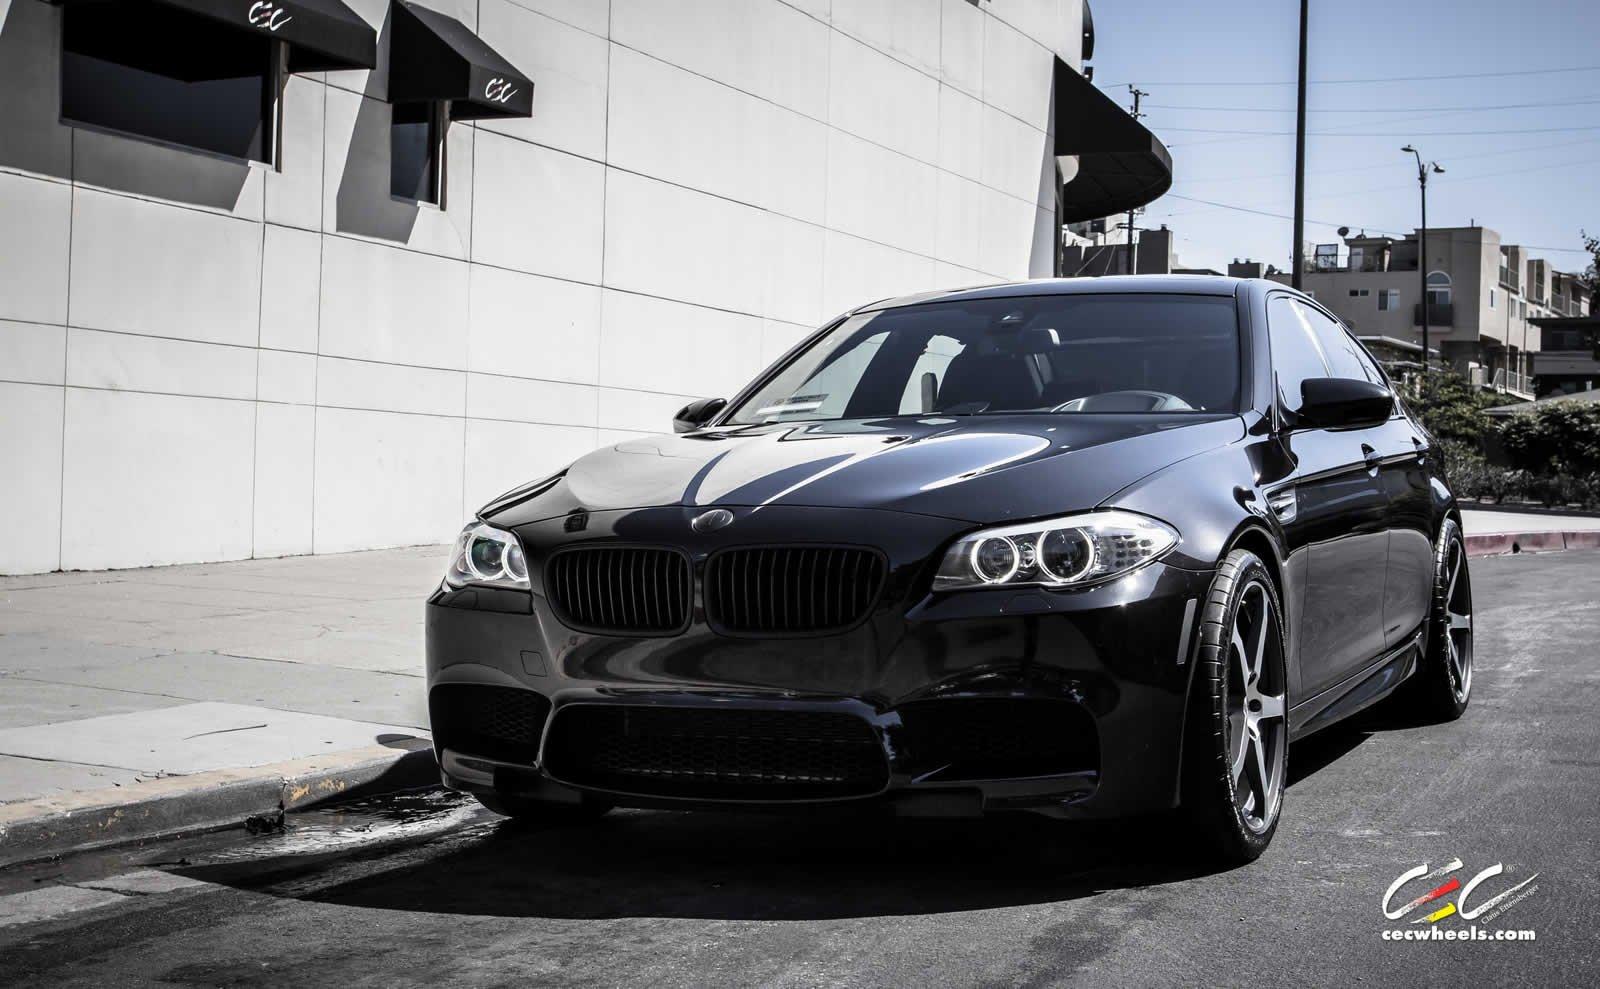 2015 cars CEC Tuning wheels BMW m5 f10 wallpaper 1600x989 619101 1600x989